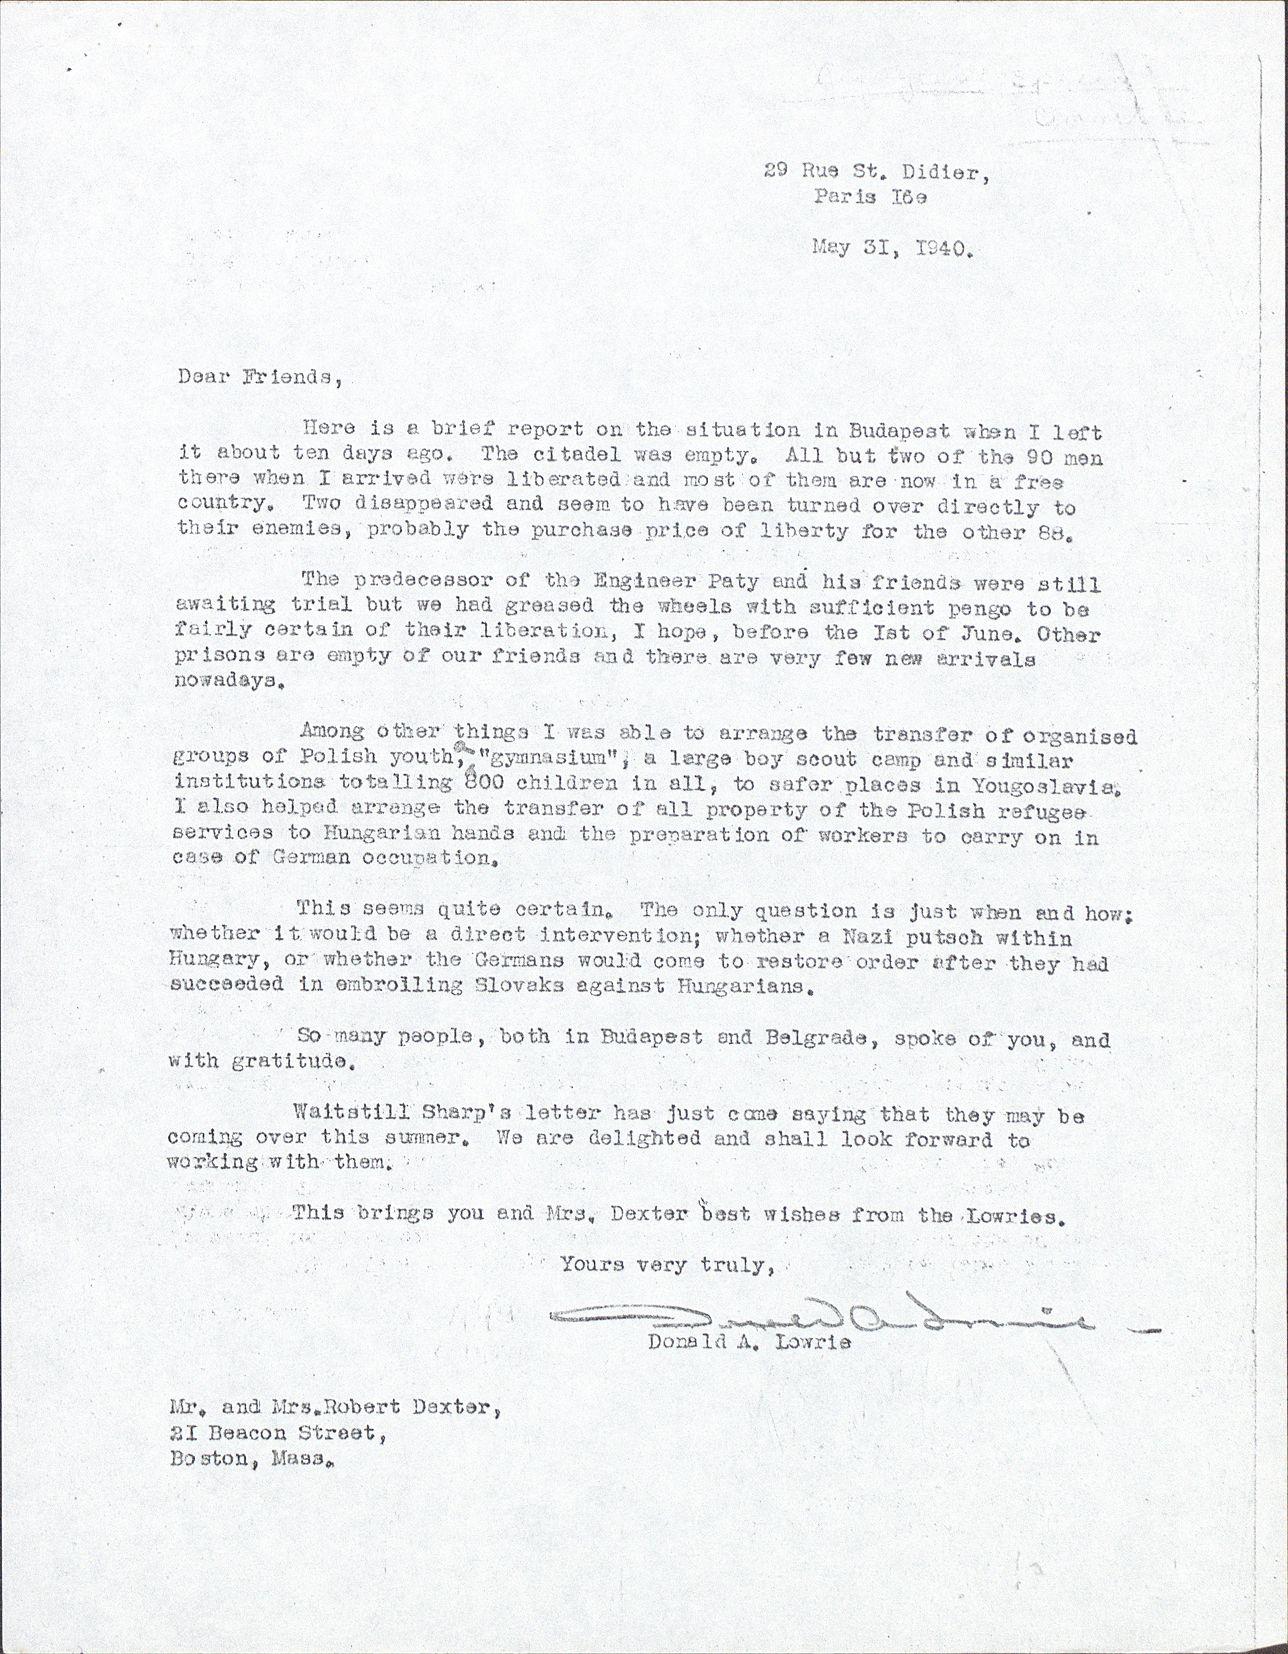 Donald A. Lowrie levele Robert C. Dexternek a Magyarországon tapasztaltakról - forrás: Harvard Egyetemi Könyvtár: Unitarian Universalist Service Commitee iratai